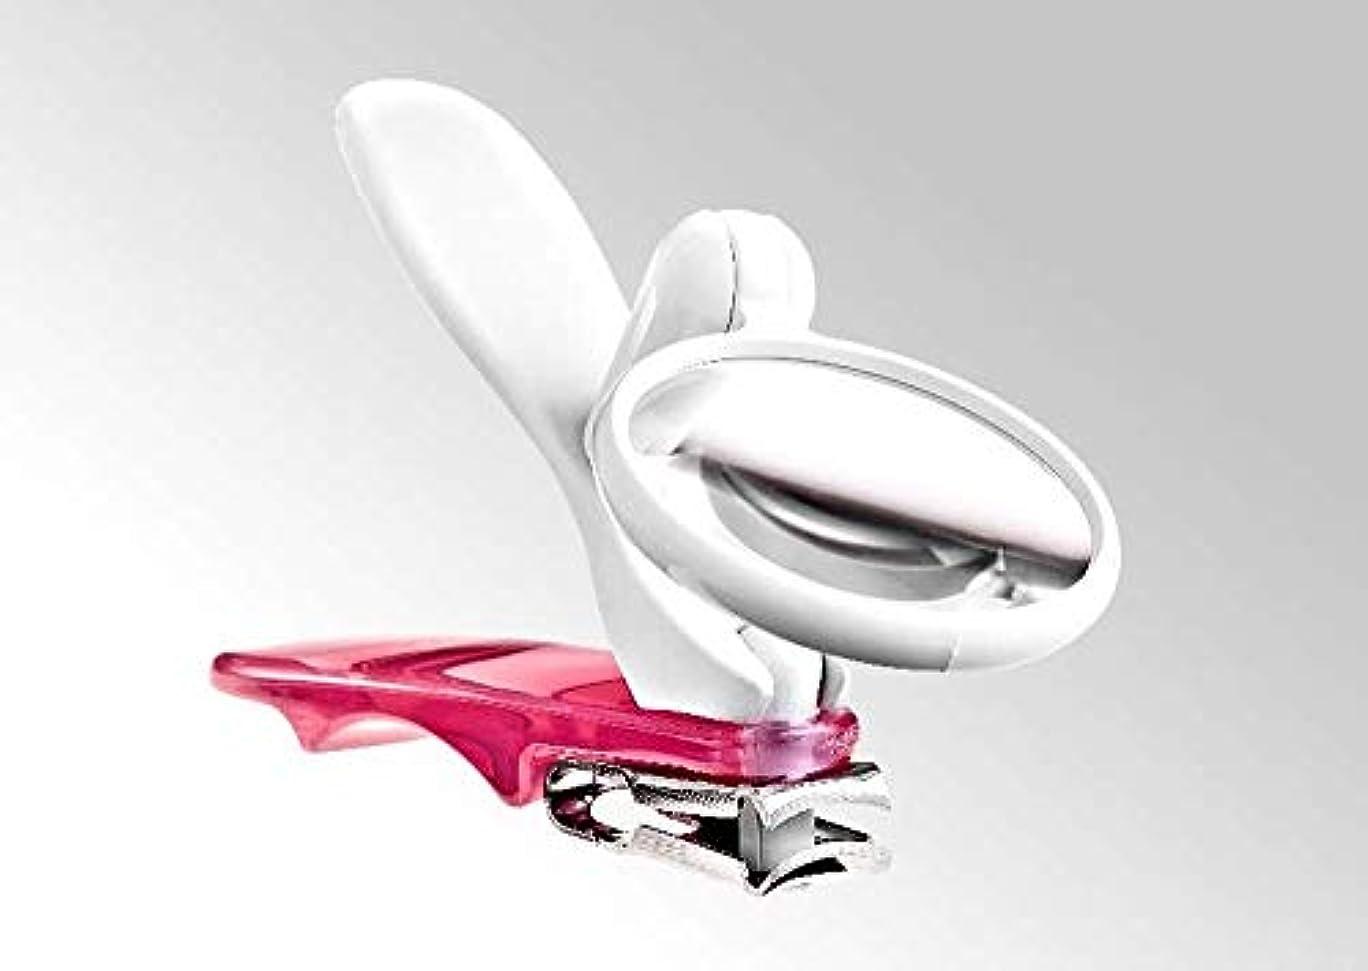 テント貫通修正するBocas 360度回転する足用爪切り?ルーペ付き (ピンク)